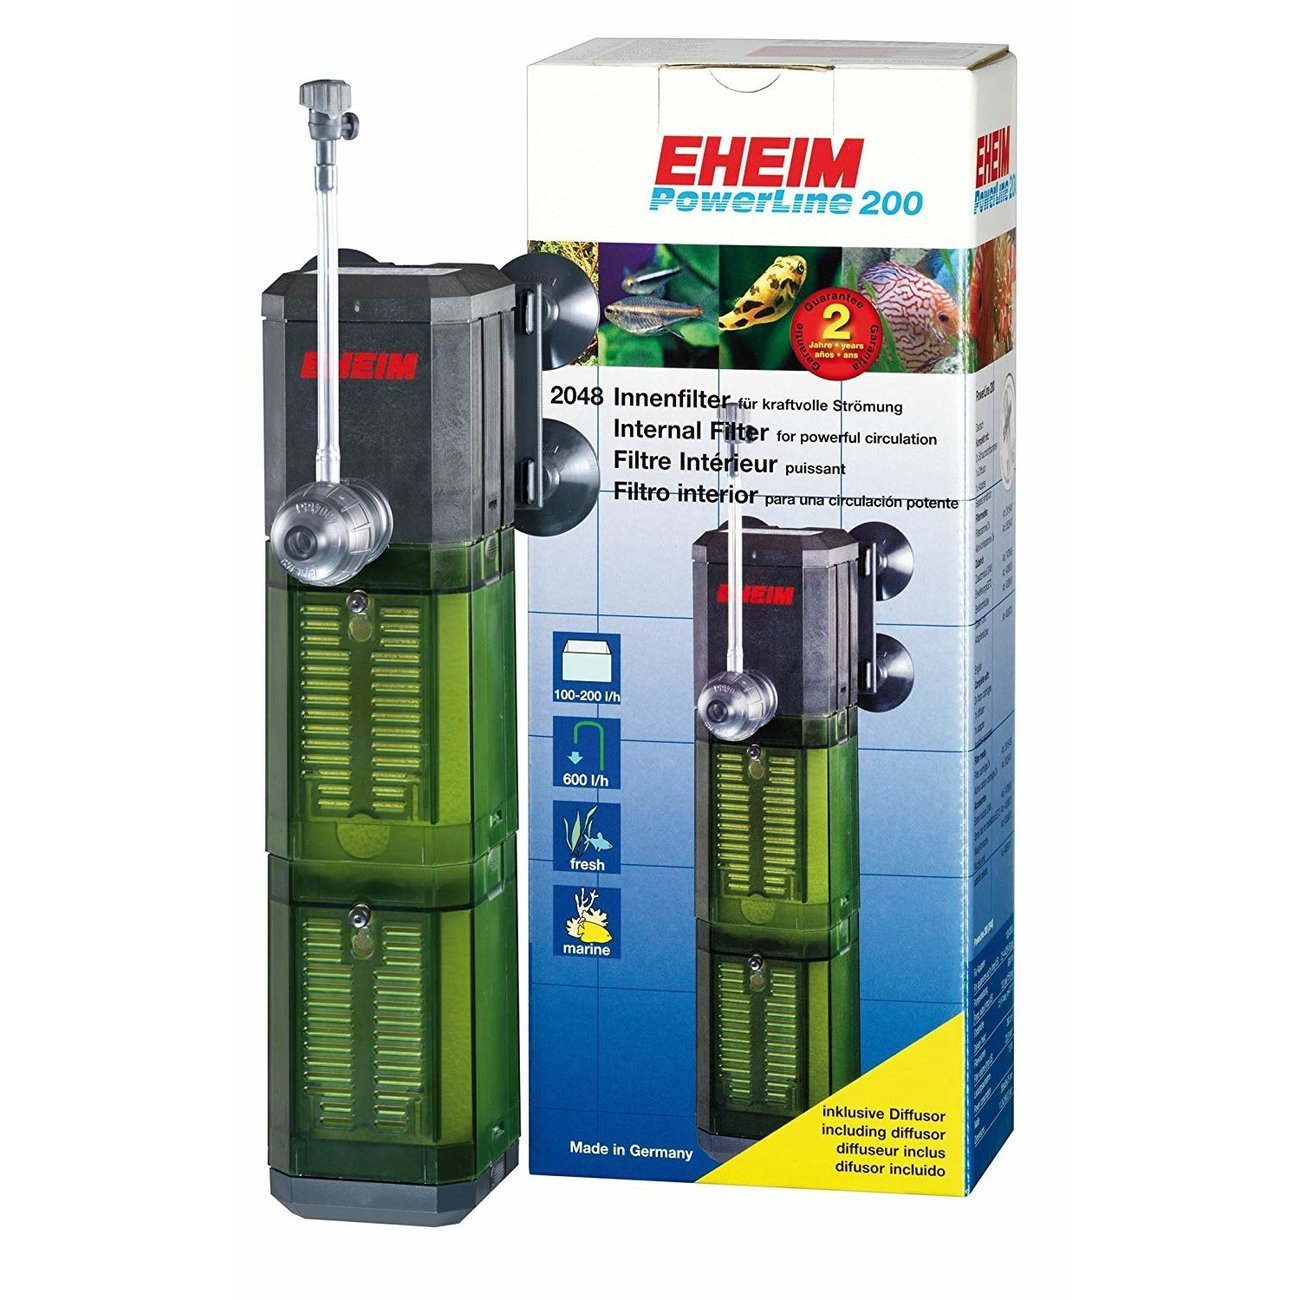 EHEIM PowerLine Aquarium Innenfilter, 200, für Aquarien von 100-200l